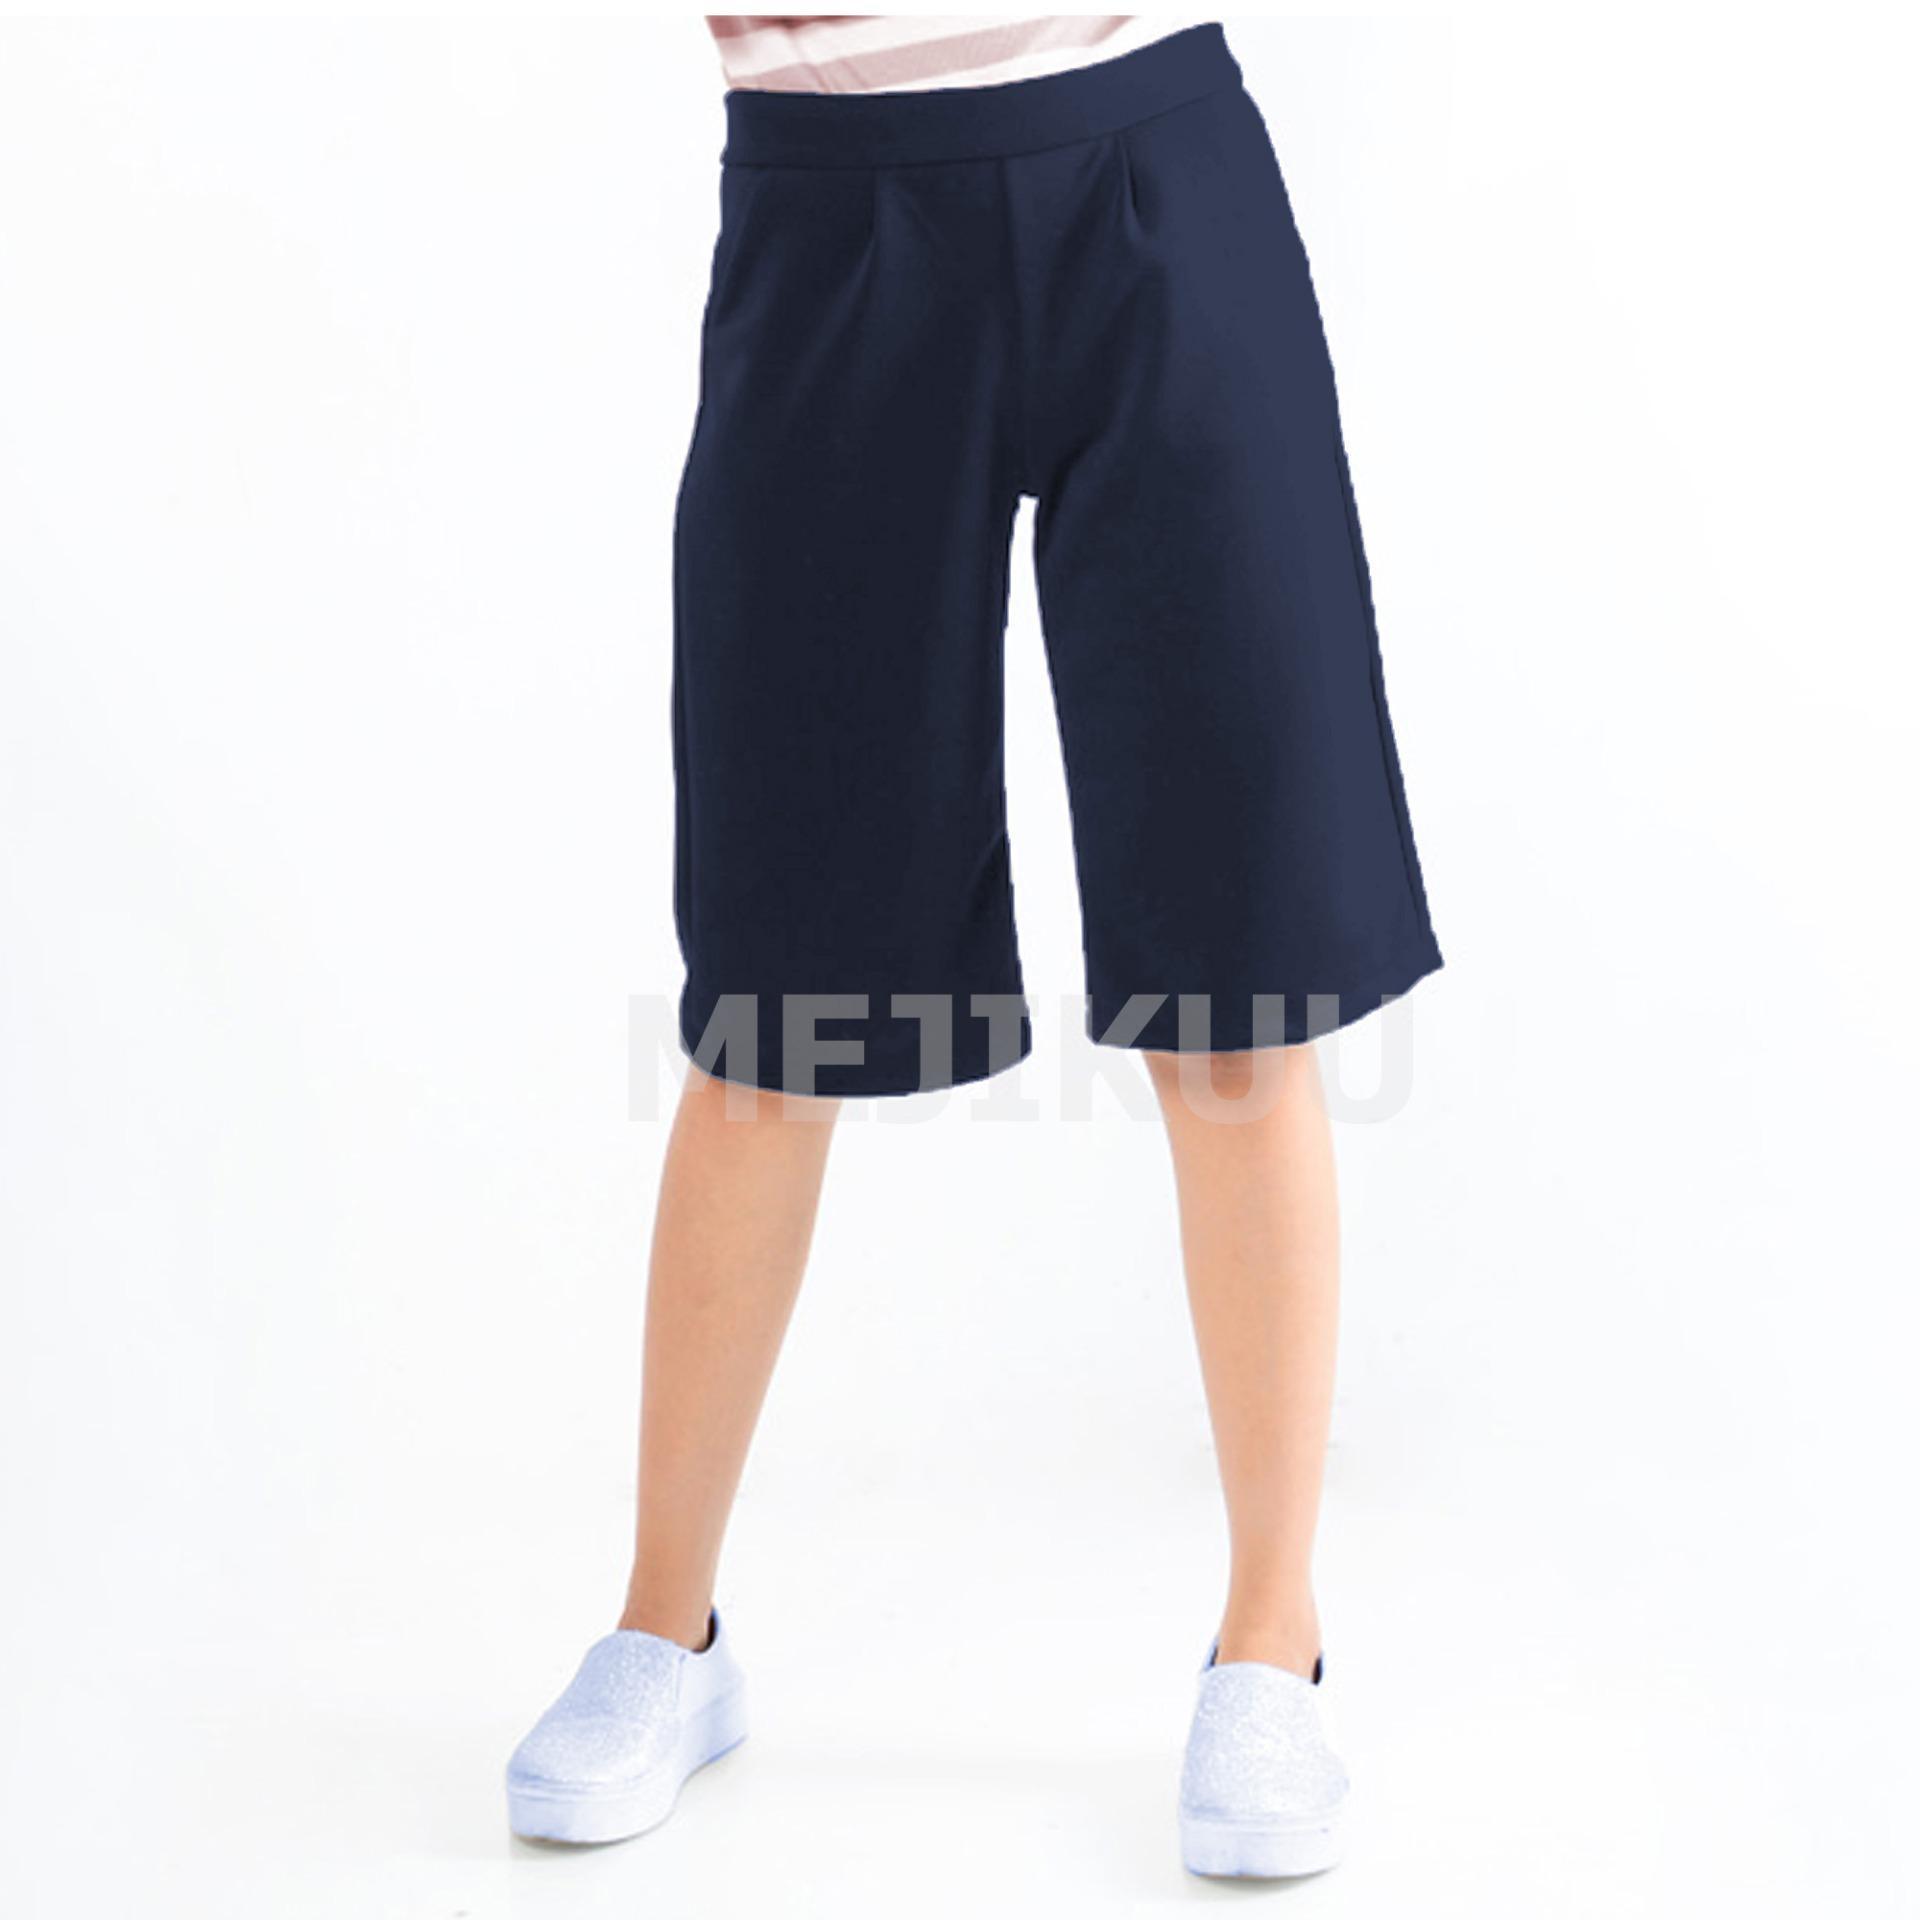 Celana Kulot pendek & Panjang wanita / celana pendek wanita / celana panjang wanita / celana santai wanita Mejikuu